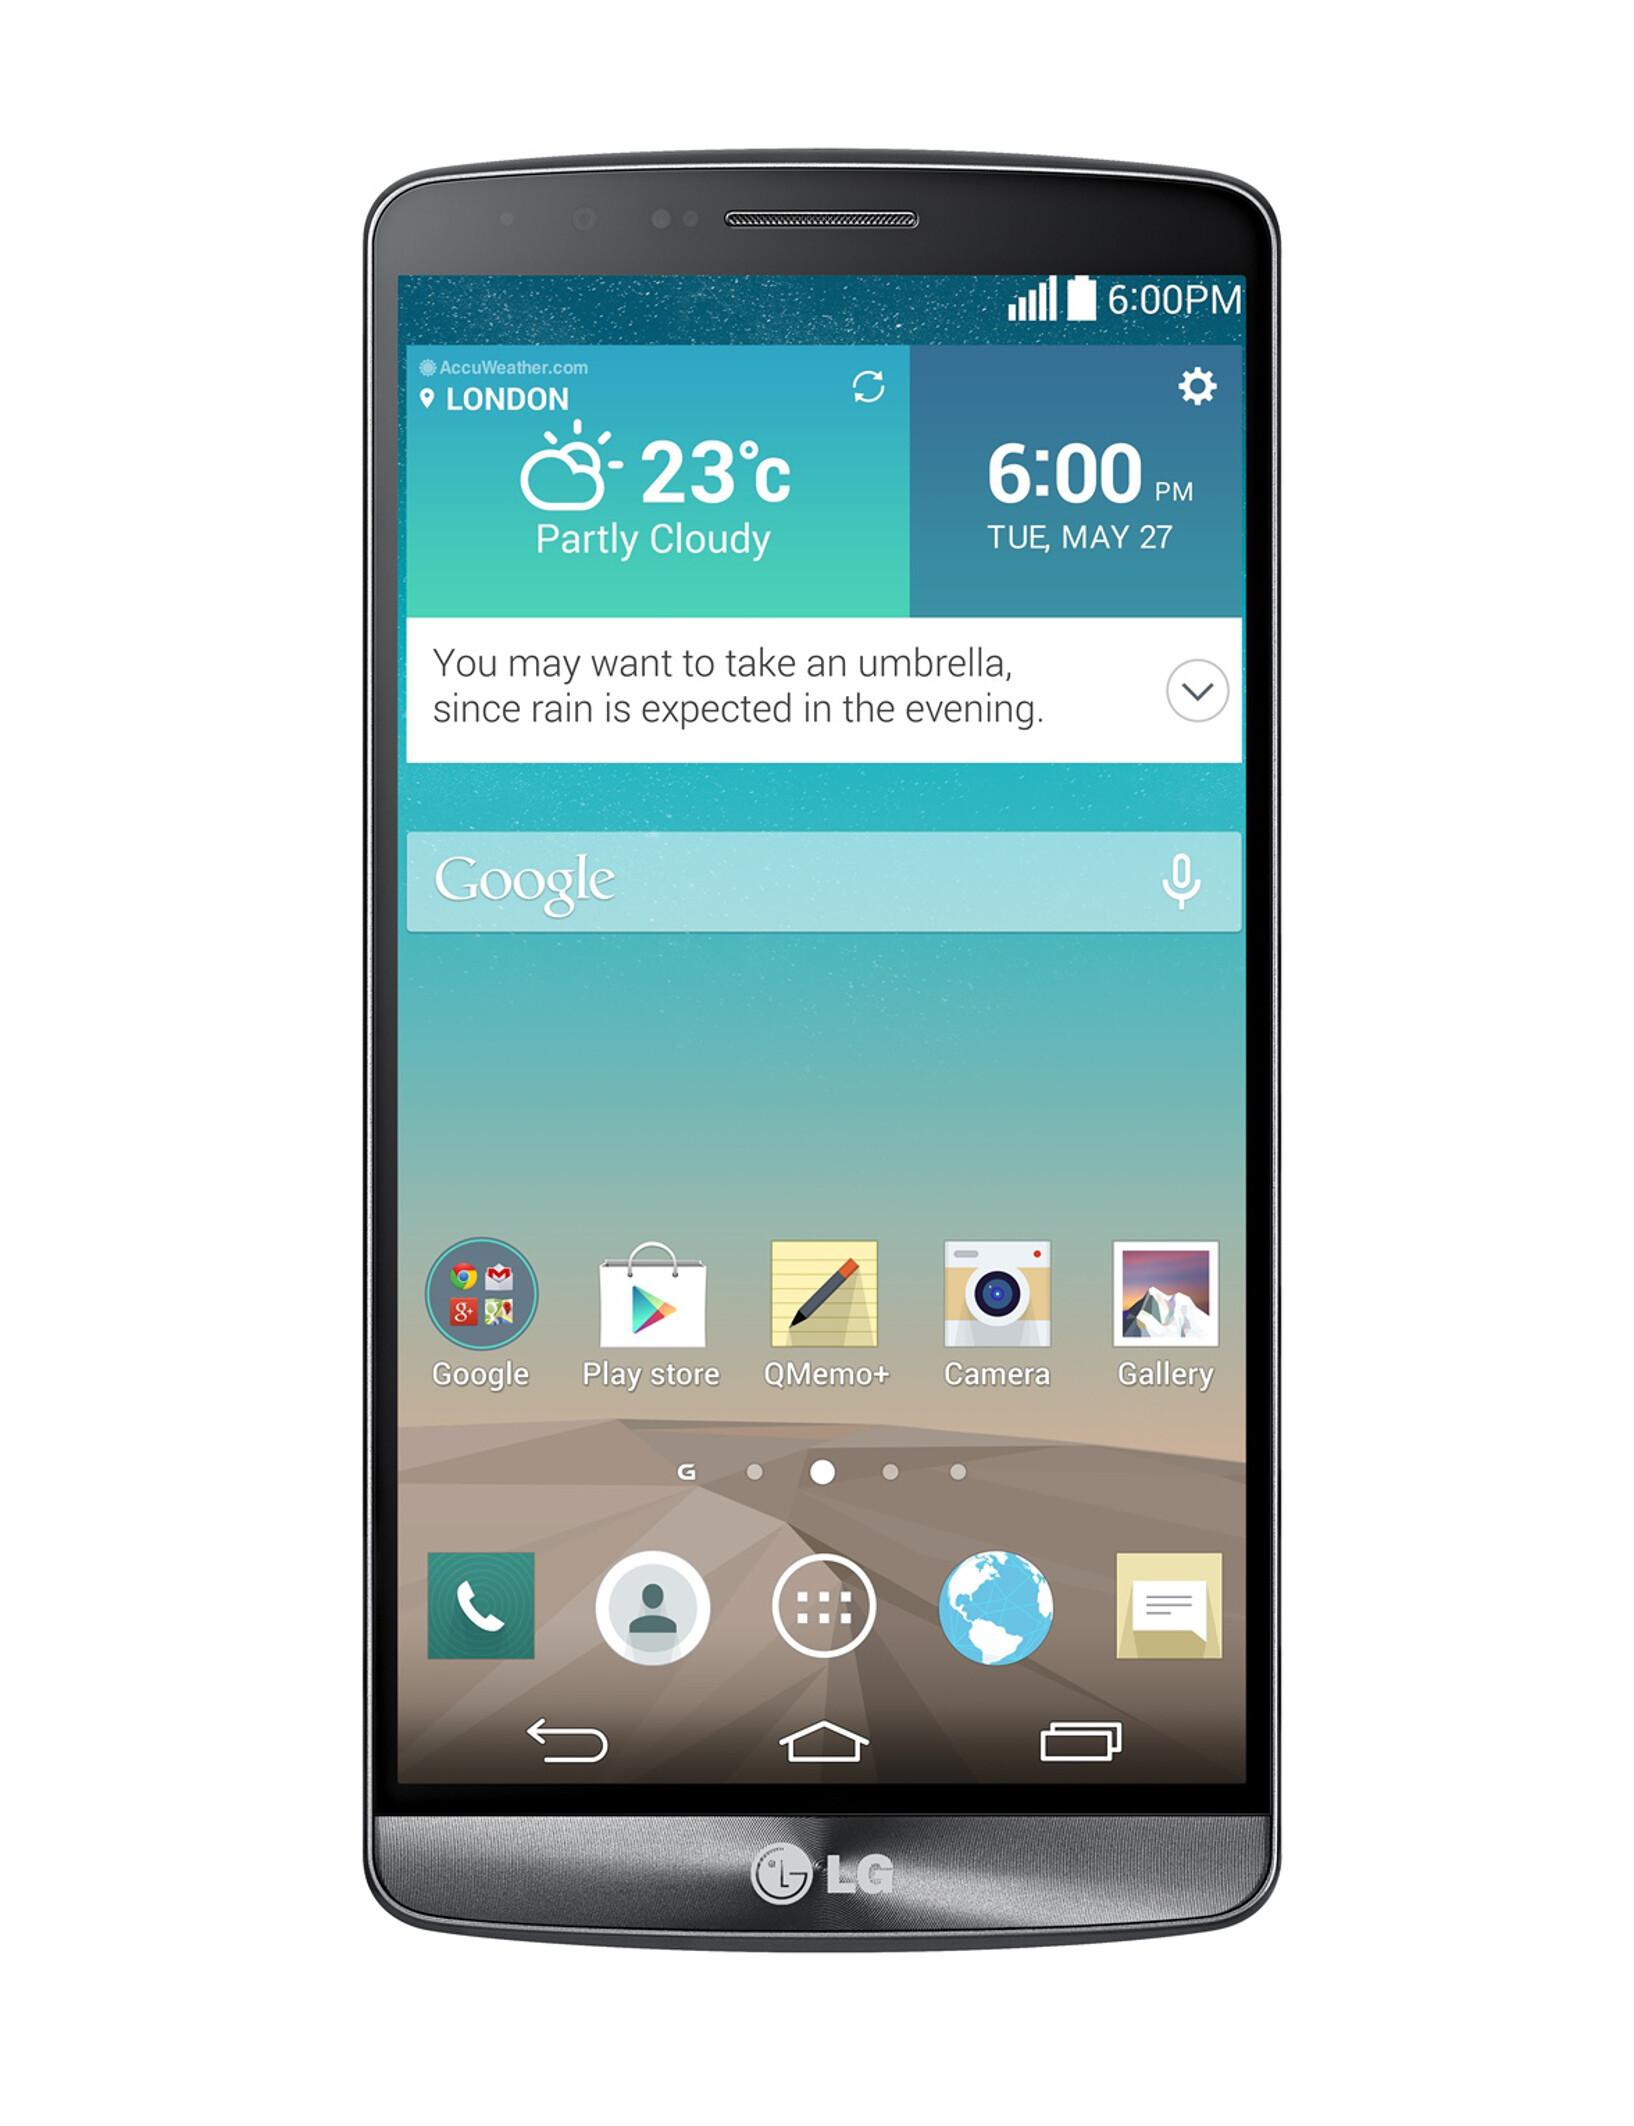 Sforum - Trang thông tin công nghệ mới nhất LG-G3-0 Qualcomm khen LG G3 là chiếc điện thoại thân thiện với người dùng